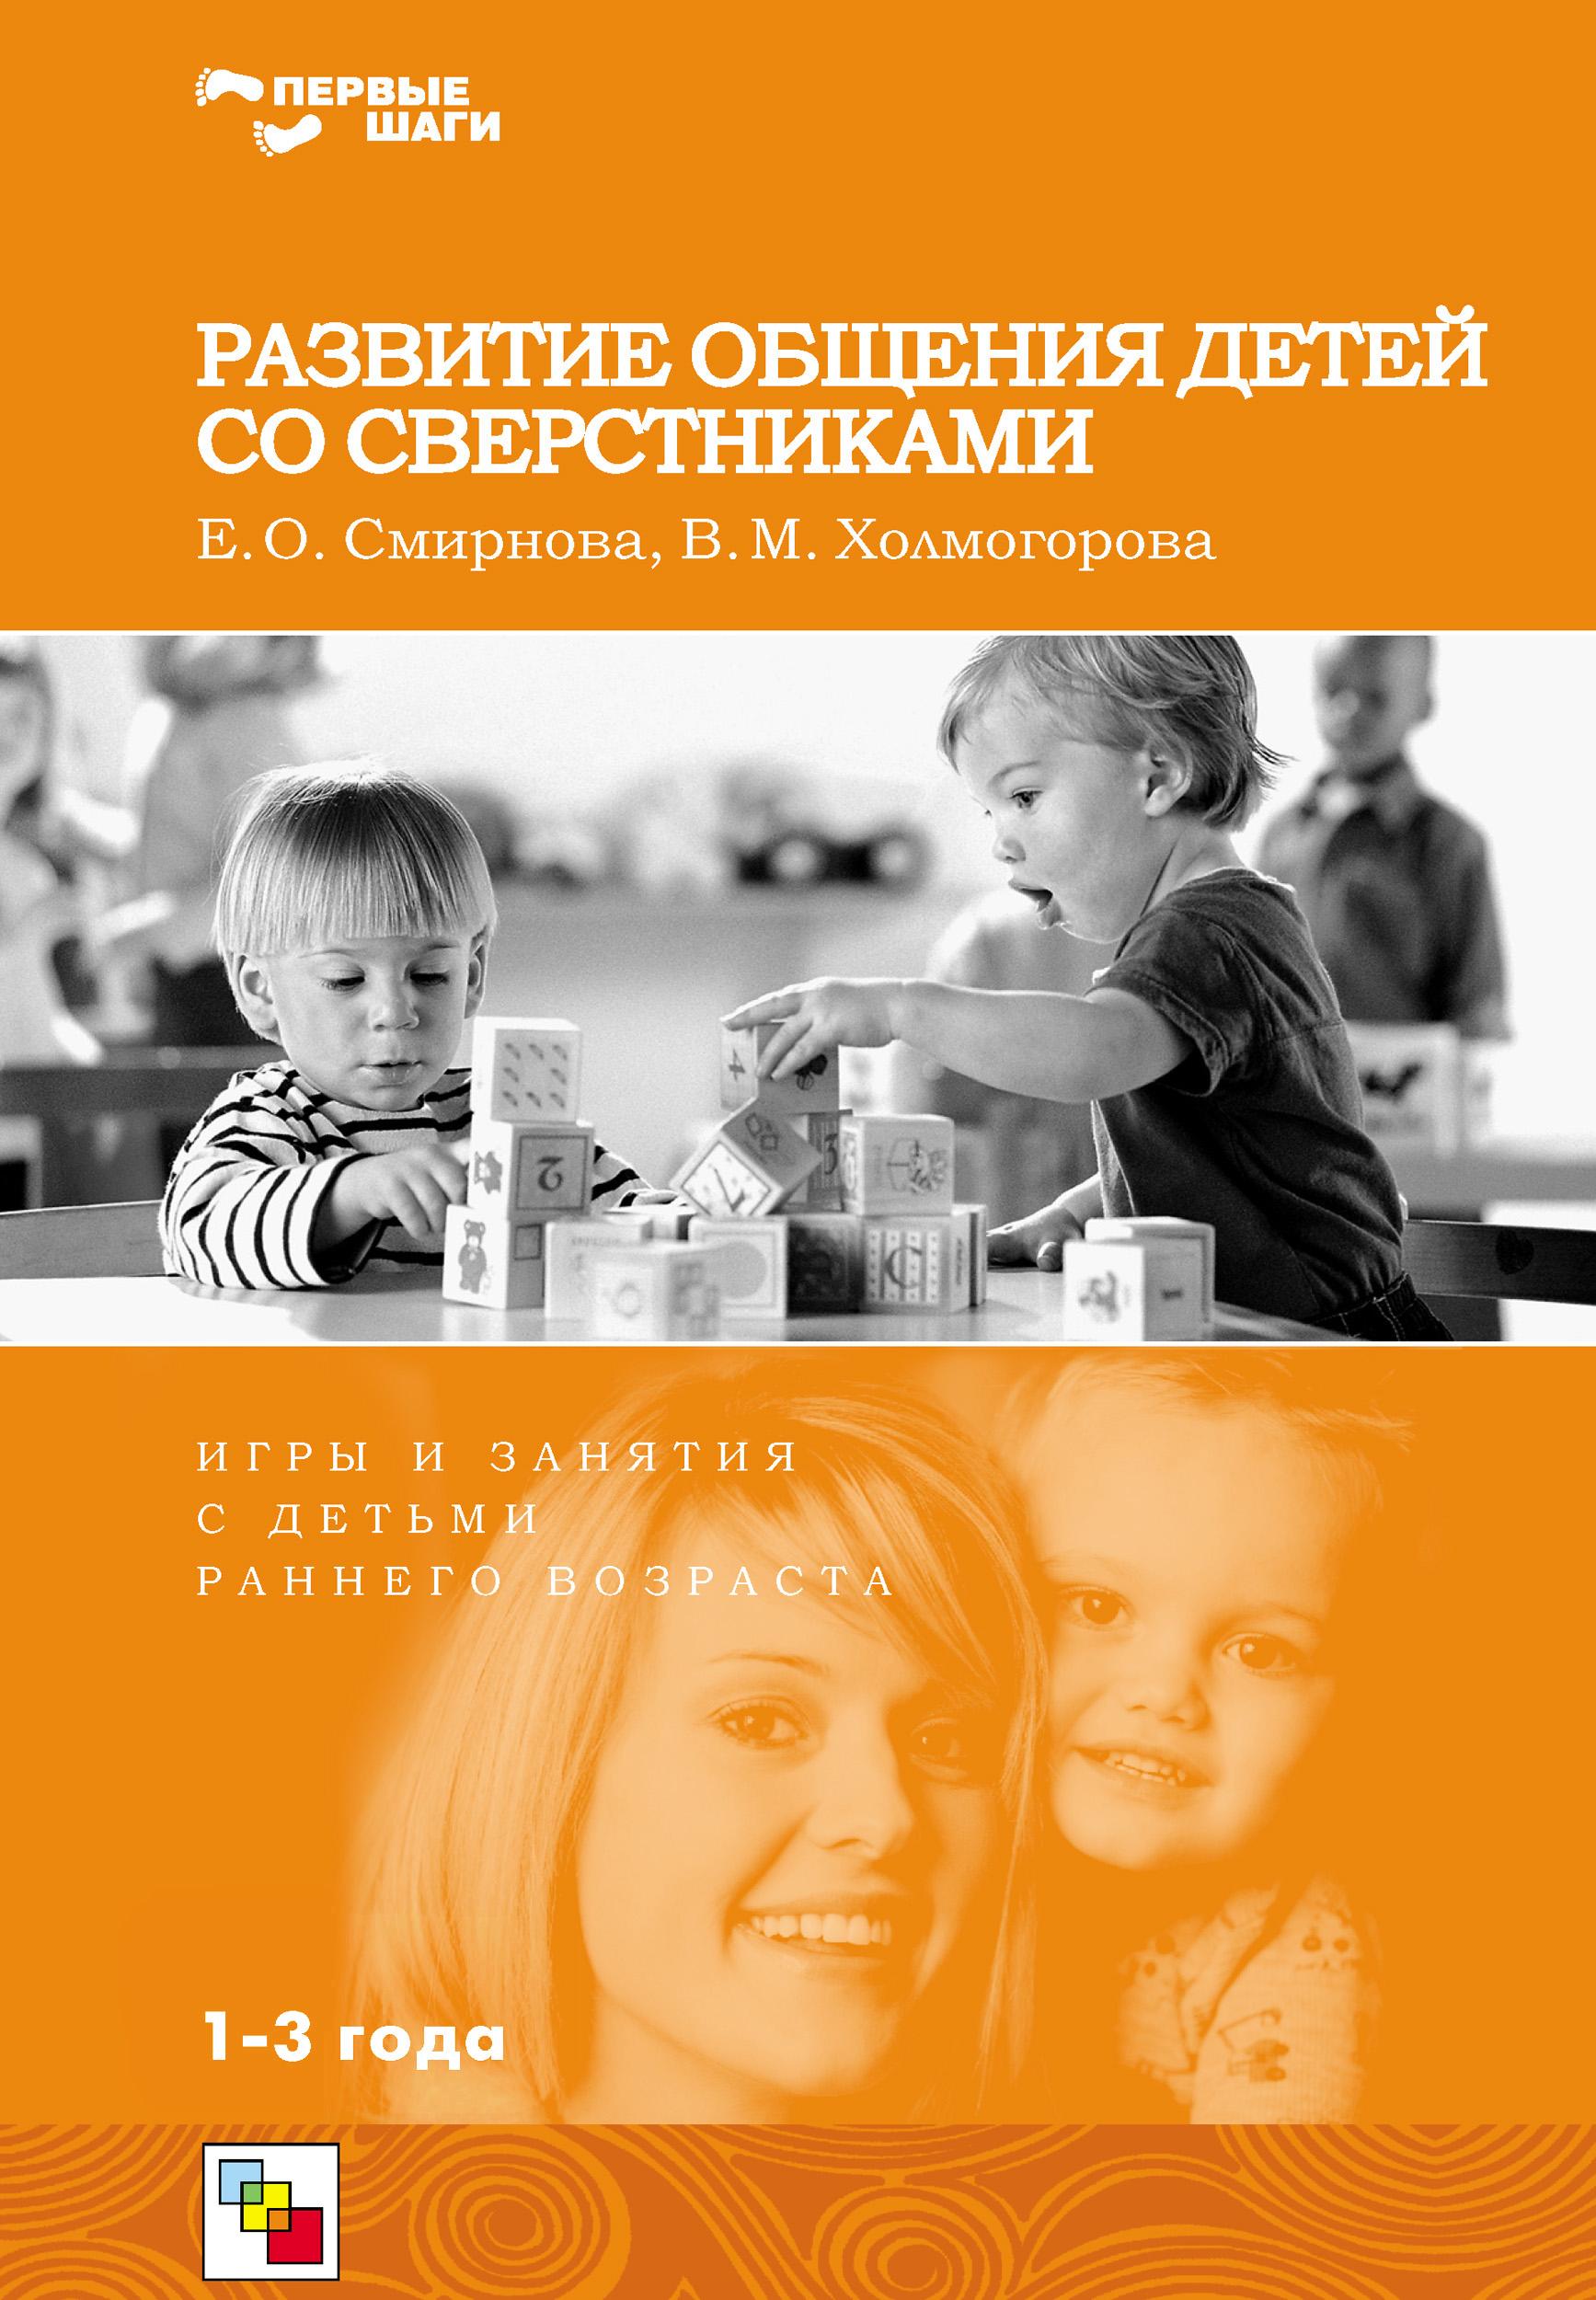 Фото - В. М. Холмогорова Развитие общения детей со сверстниками. Игры и занятия с детьми раннего возраста психологические игры и занятия с детьми книга 70 карточек лото